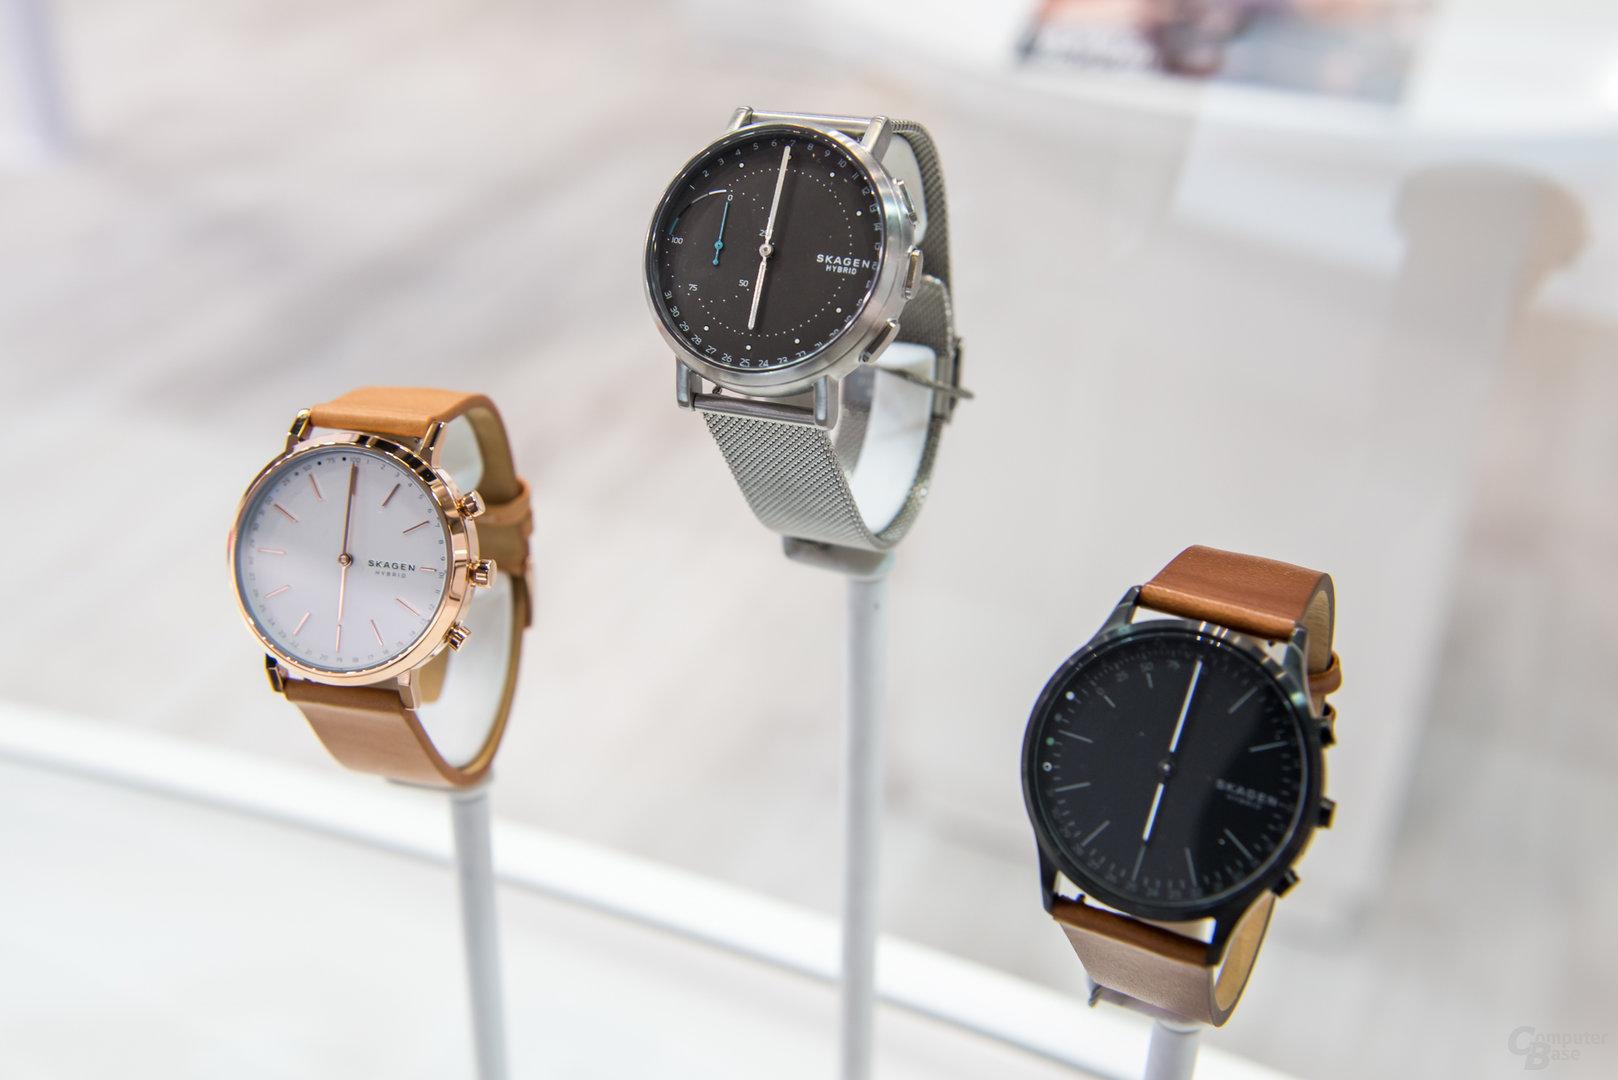 Hybride Smartwatches von Skagen